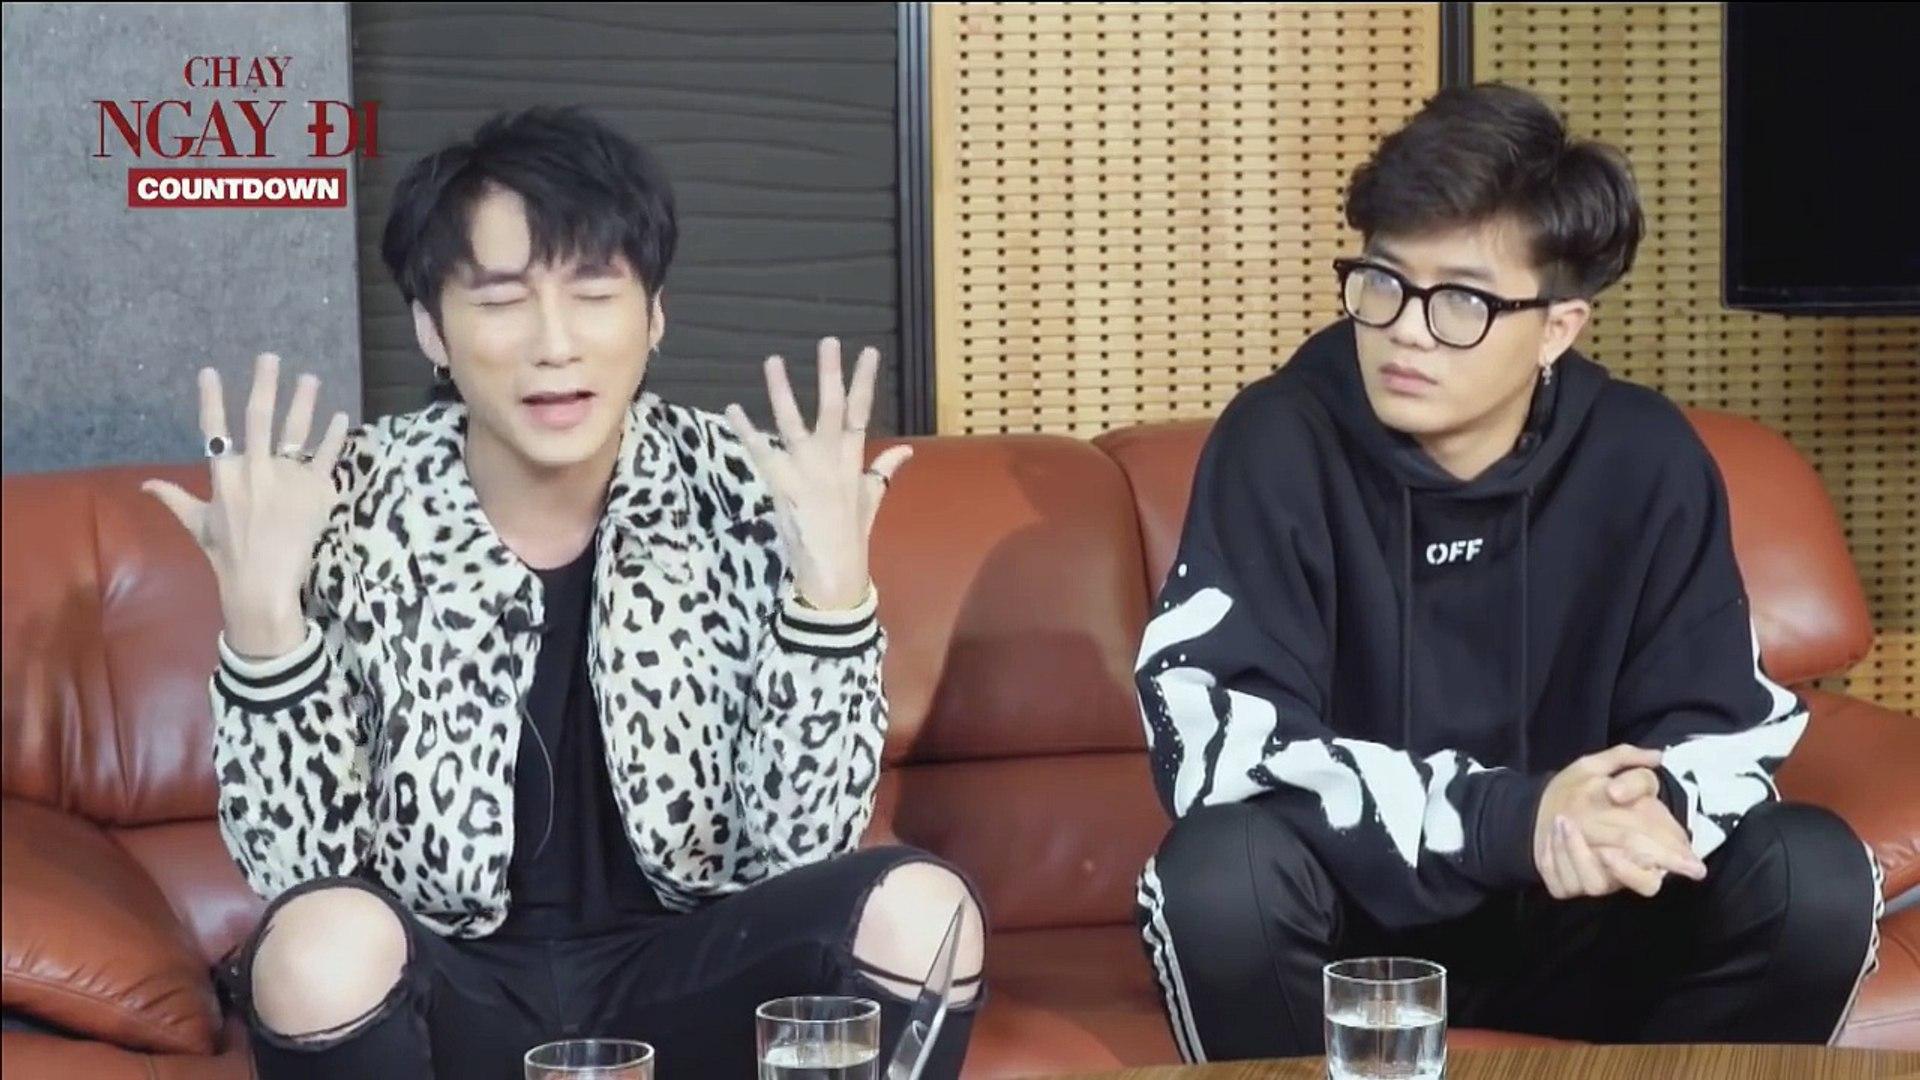 Trực Tiếp- Countdown Ra Mắt Music Video Chạy Ngay Đi - Sơn Tùng M-TP